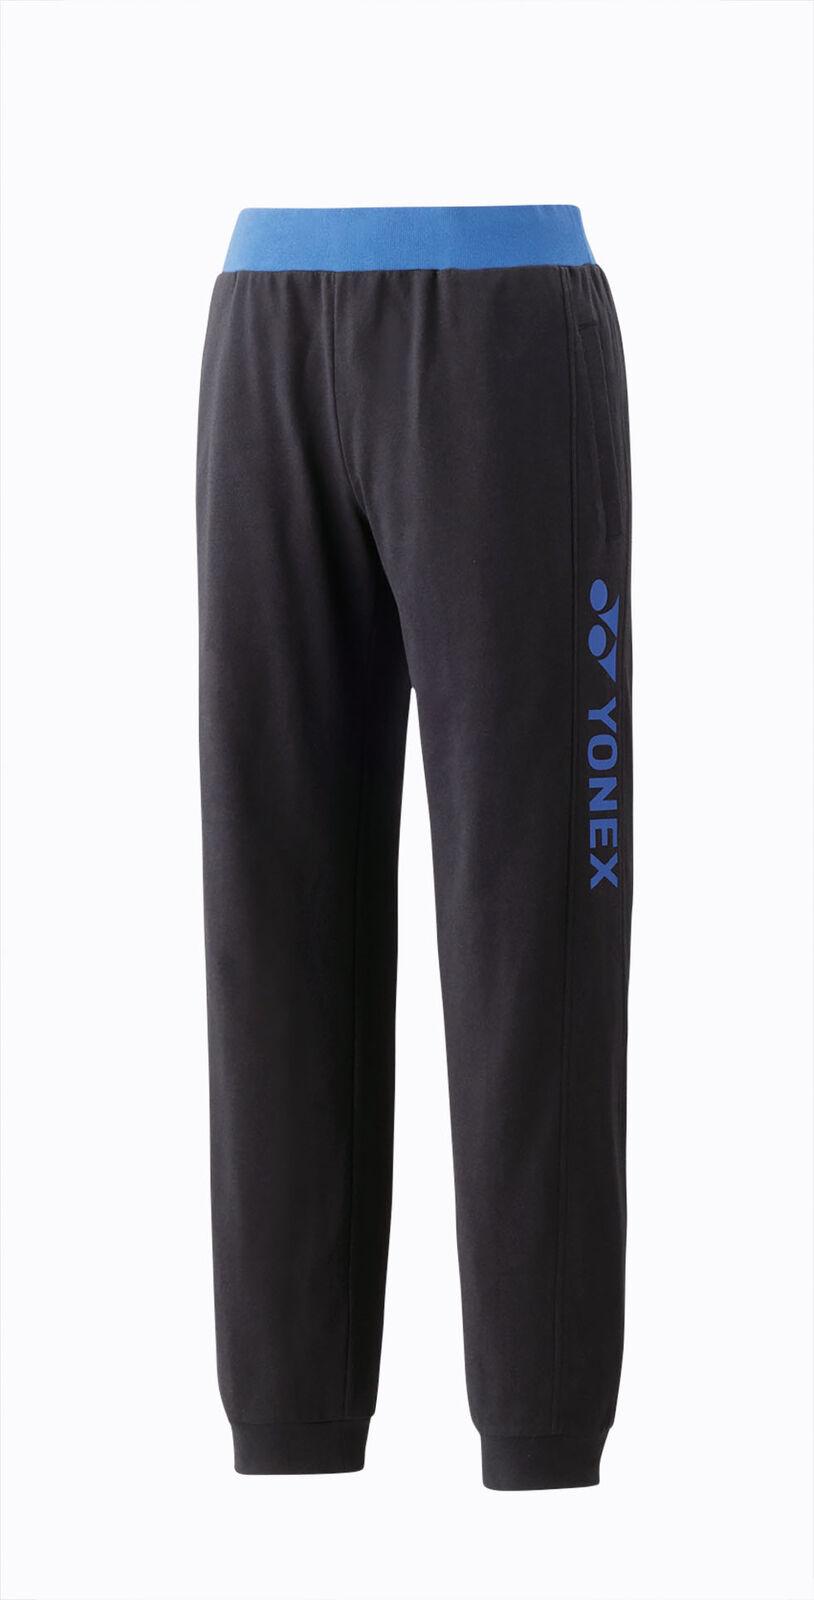 Yonex Jogginghose Jogginghose Jogginghose 32011   Badminton Tischtennis Anzug 4f9065